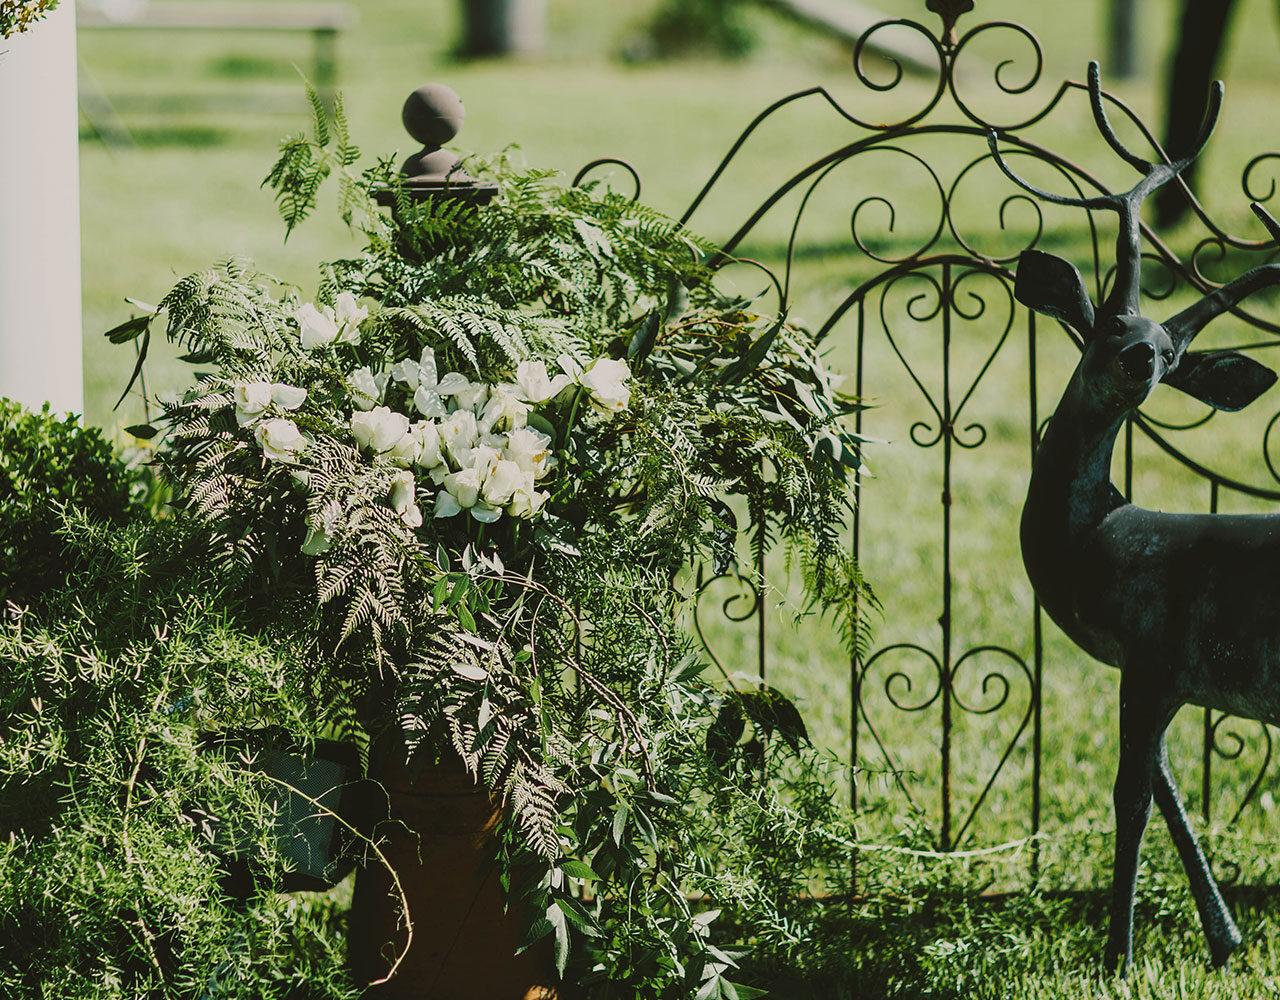 Weddings at Angel Sussurri Floral Artisans